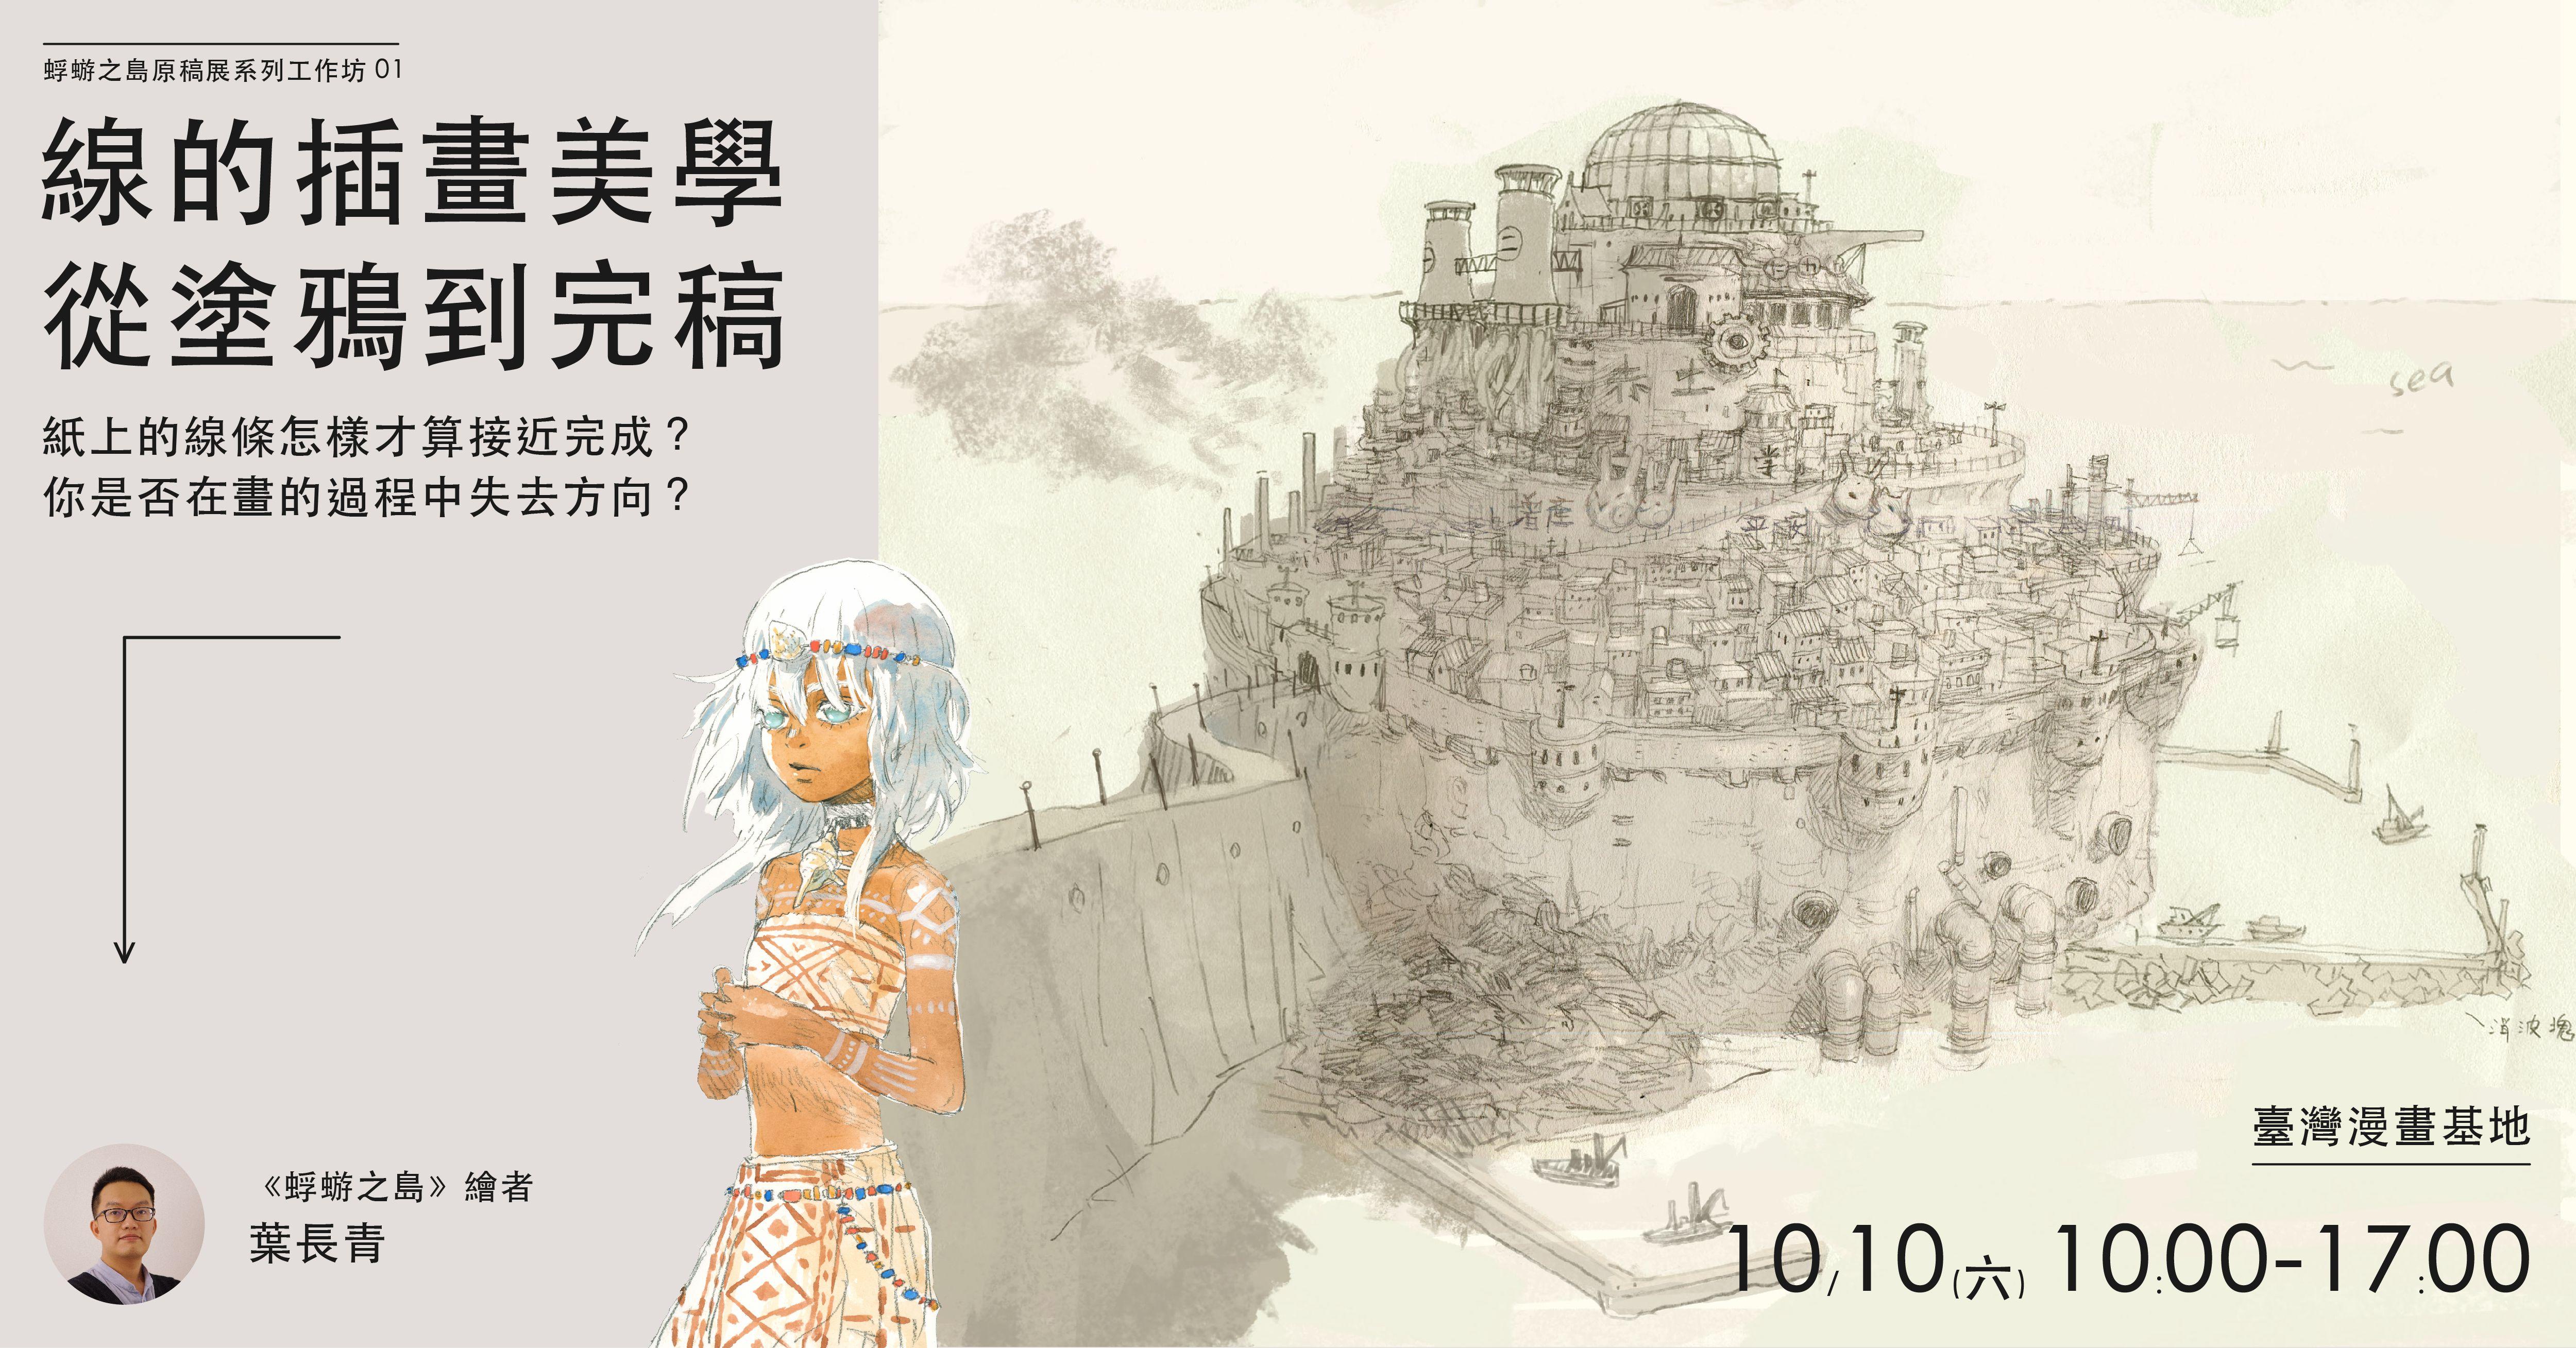 《蜉蝣之島》原稿展系列工作坊1——線的插畫美學 - 從塗鴉到完稿